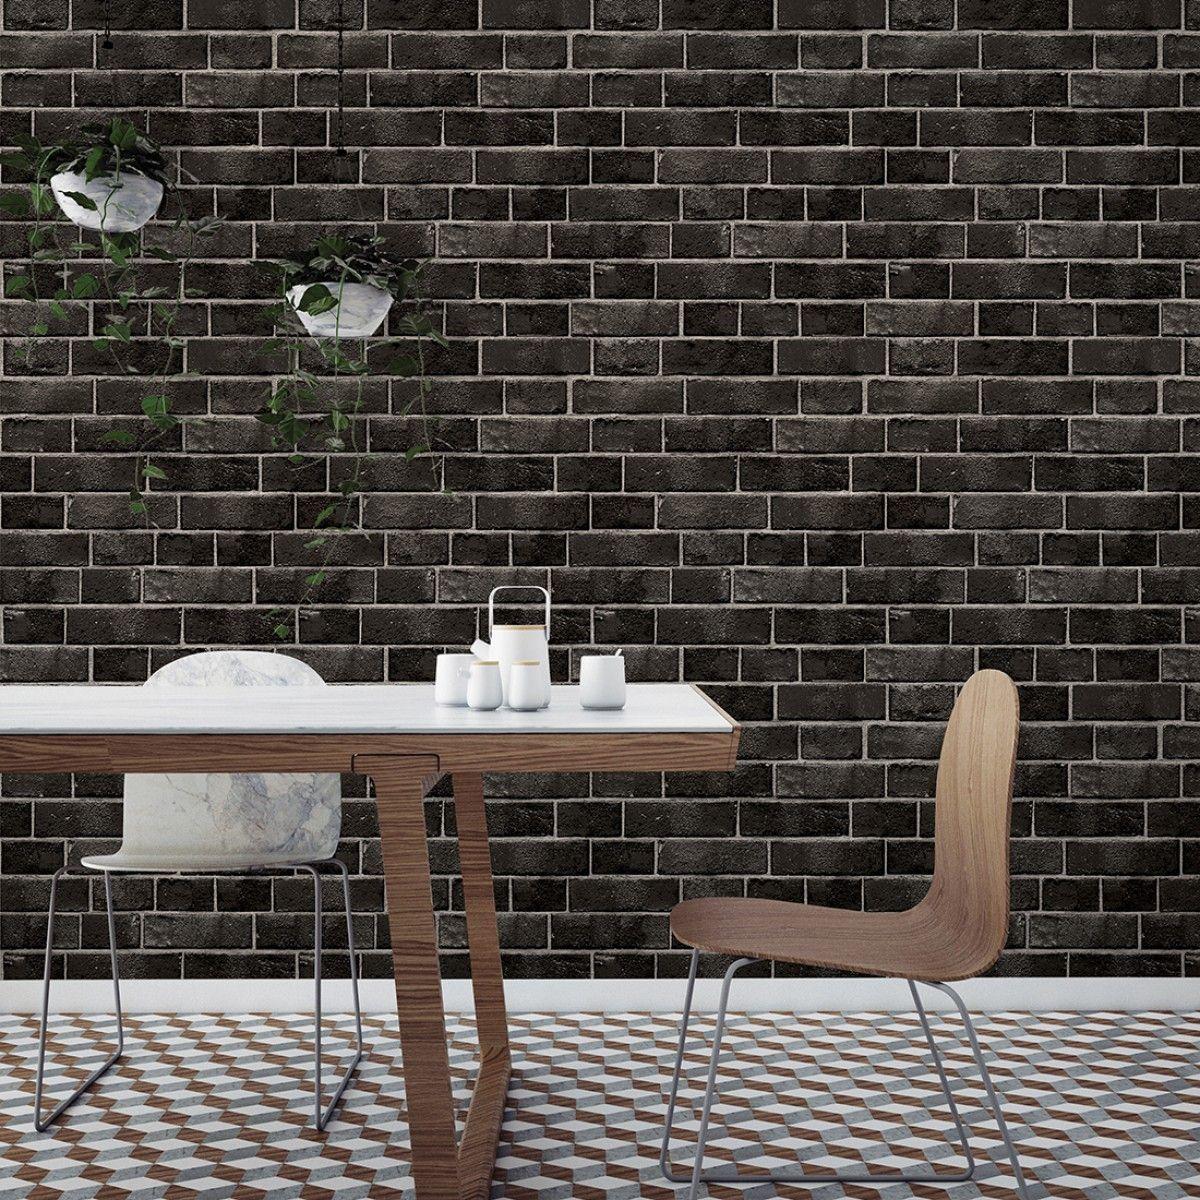 Brick Ebony Brick Temporary Wallpaper Removable Brick Wallpaper Brick Wallpaper